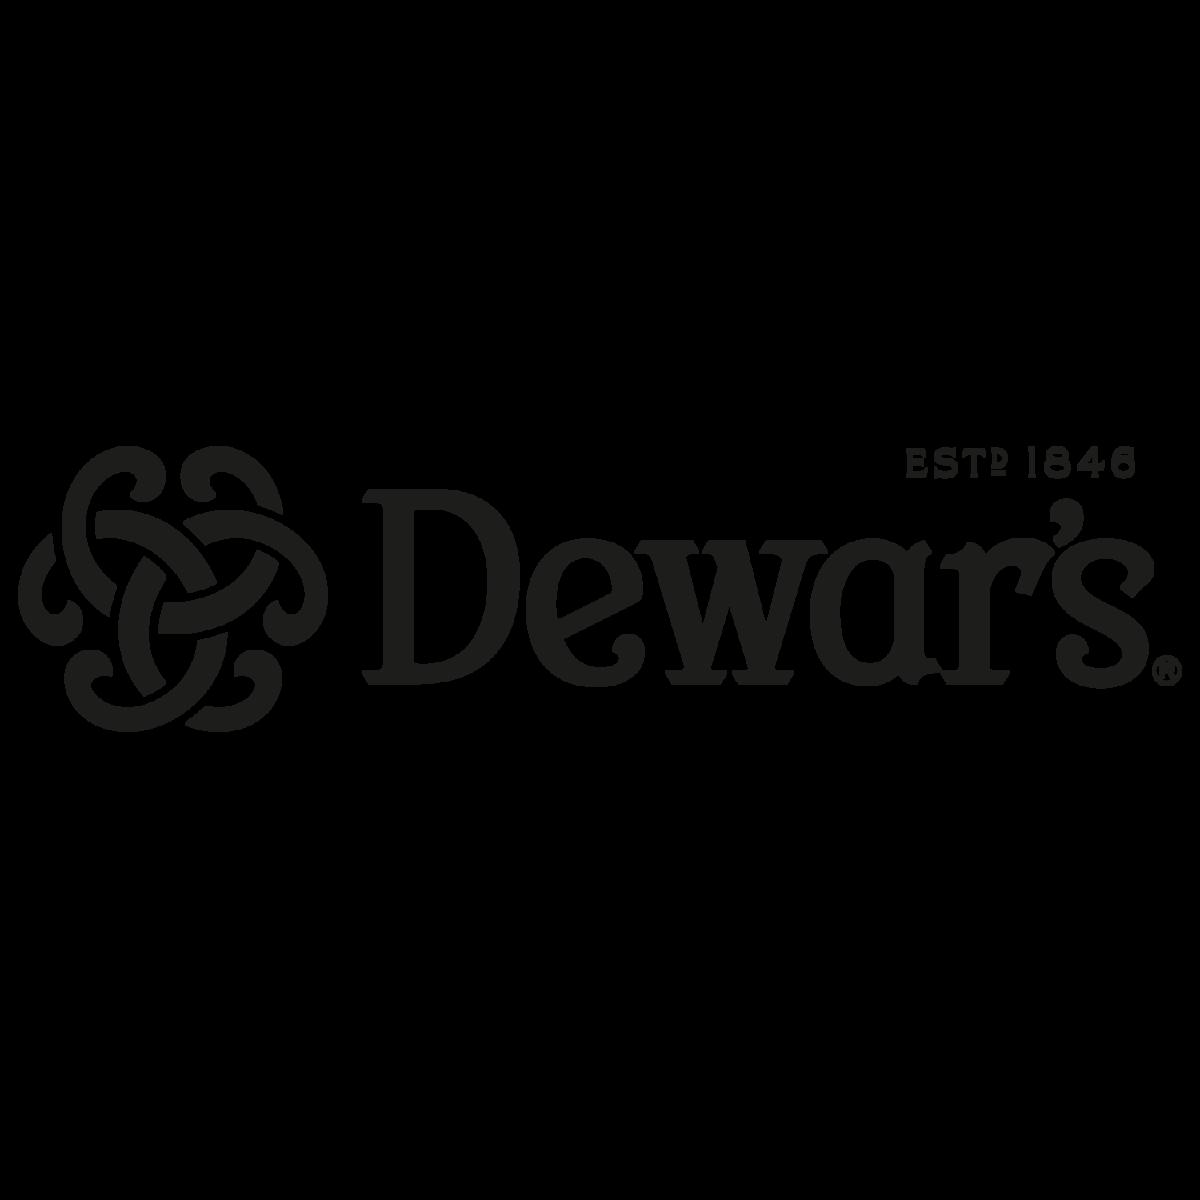 Dewar's.